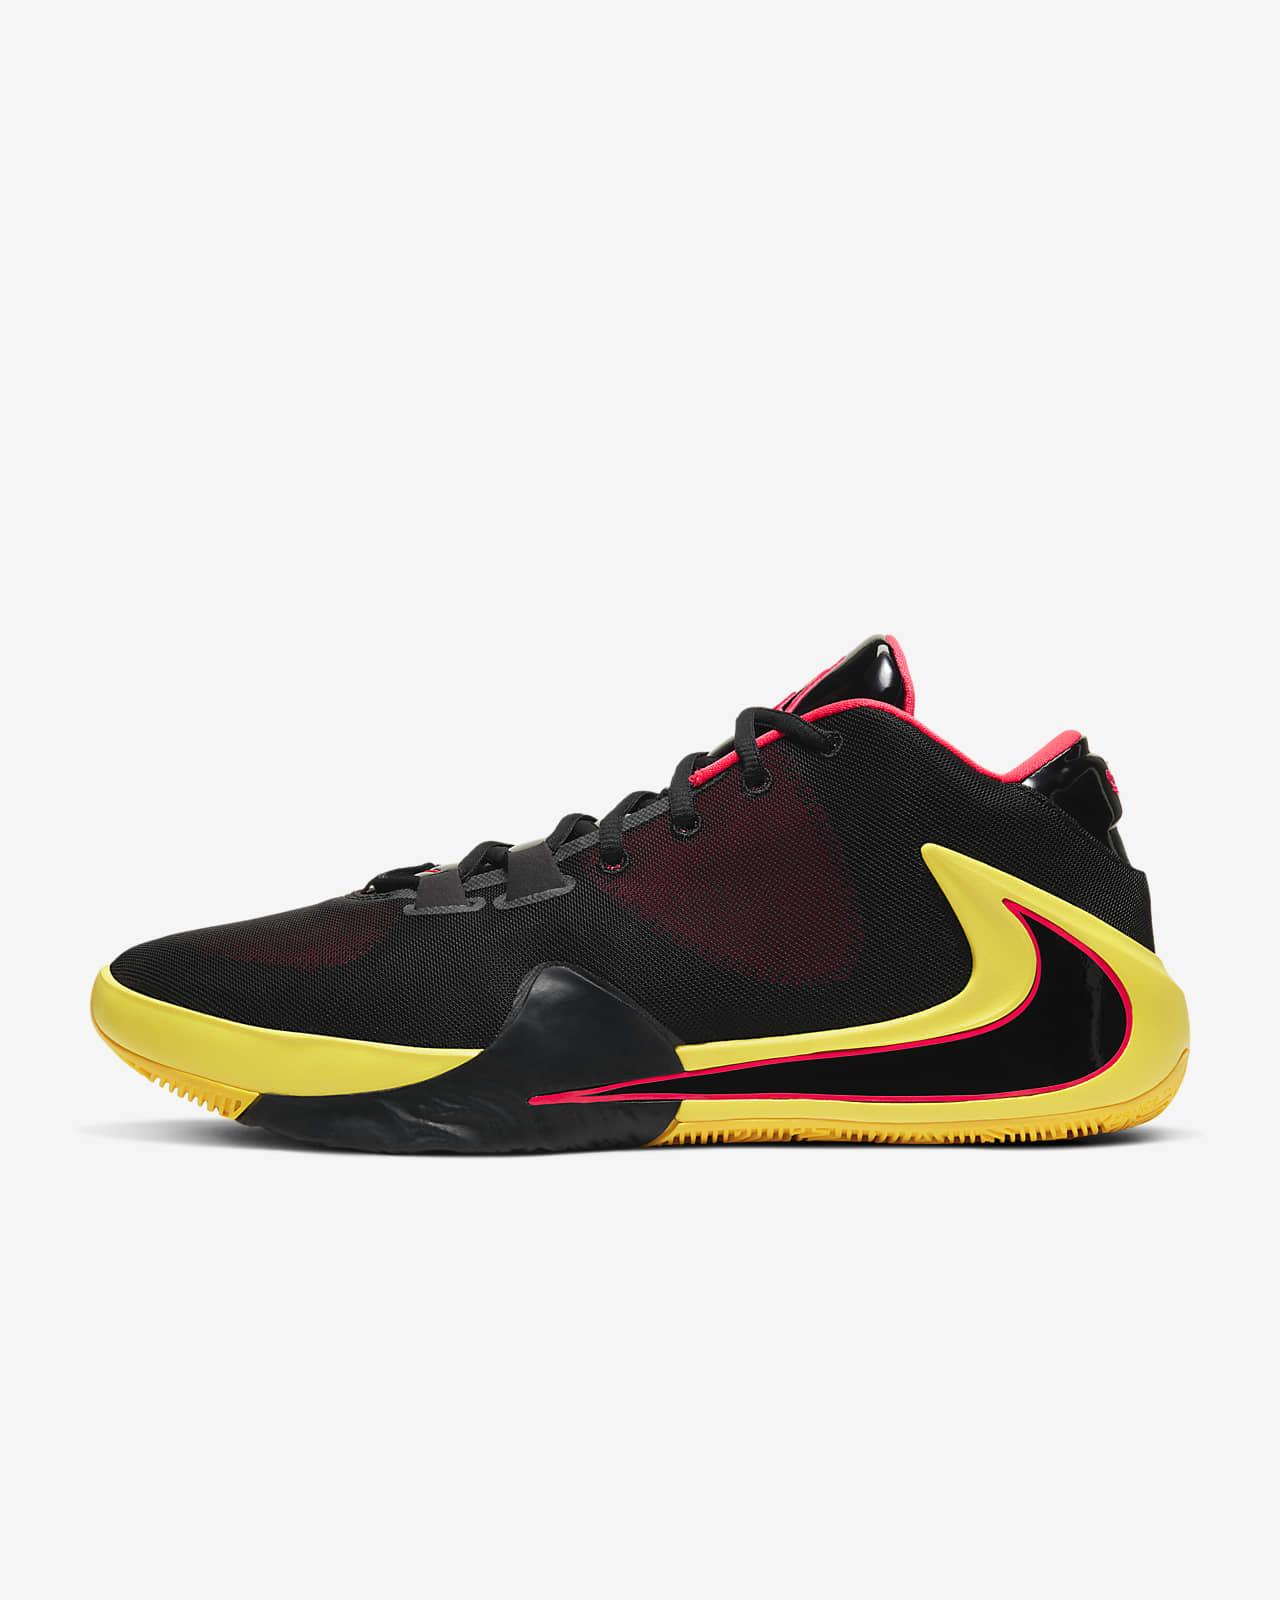 Zoom Freak 1 Soul Glo Basketball Shoe